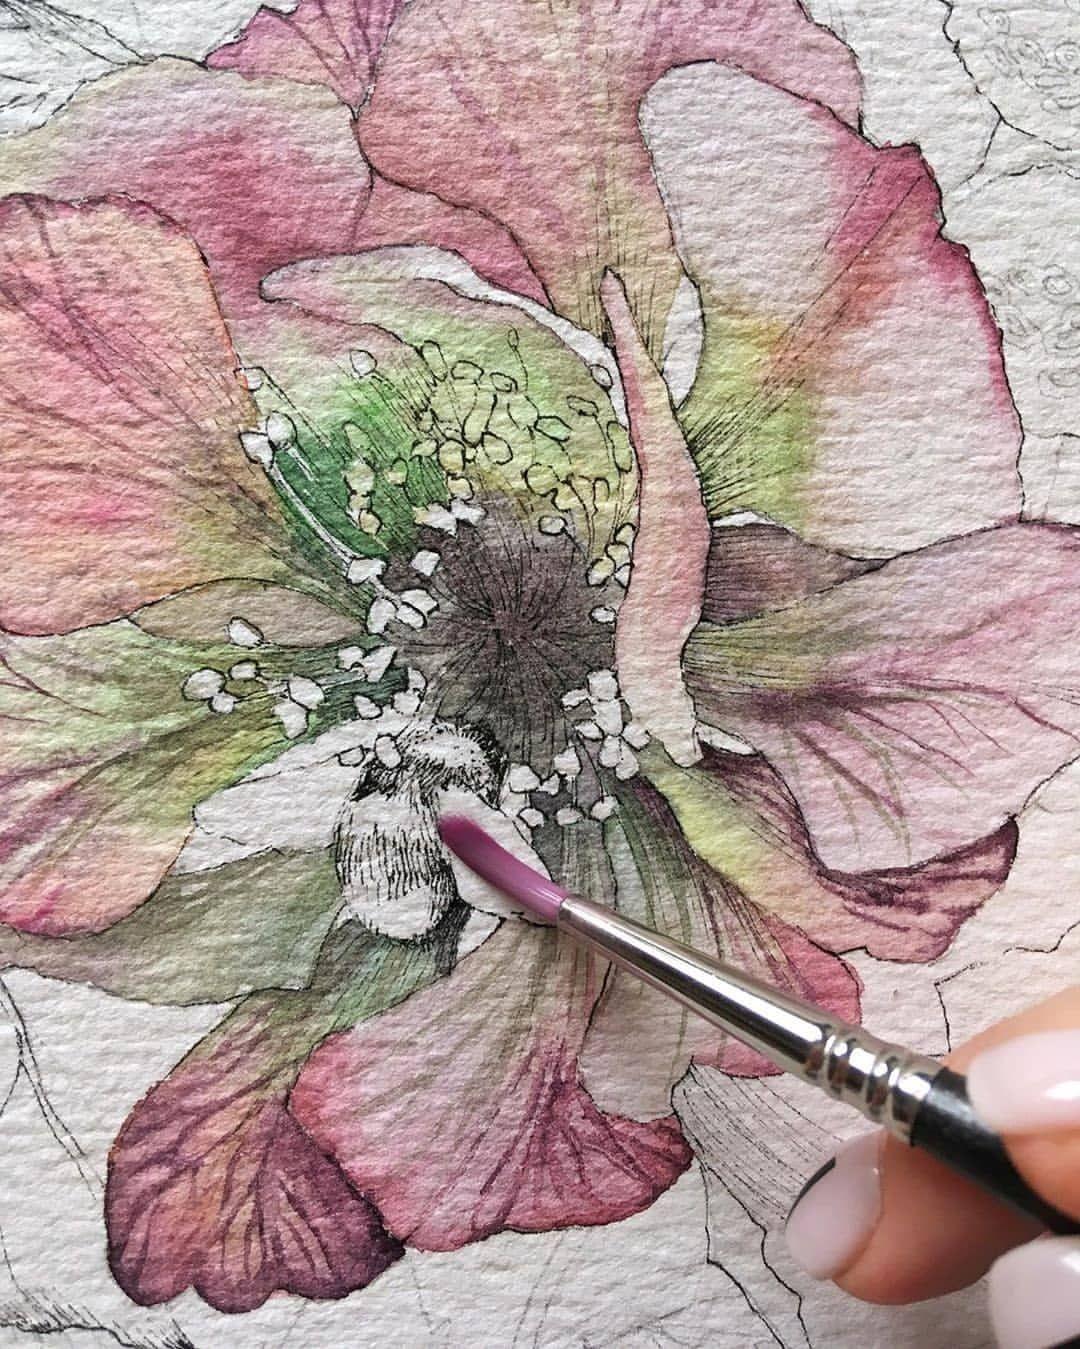 Instagram En 2019 Peinture A L Aquarelle Peinture Aquarelle Et